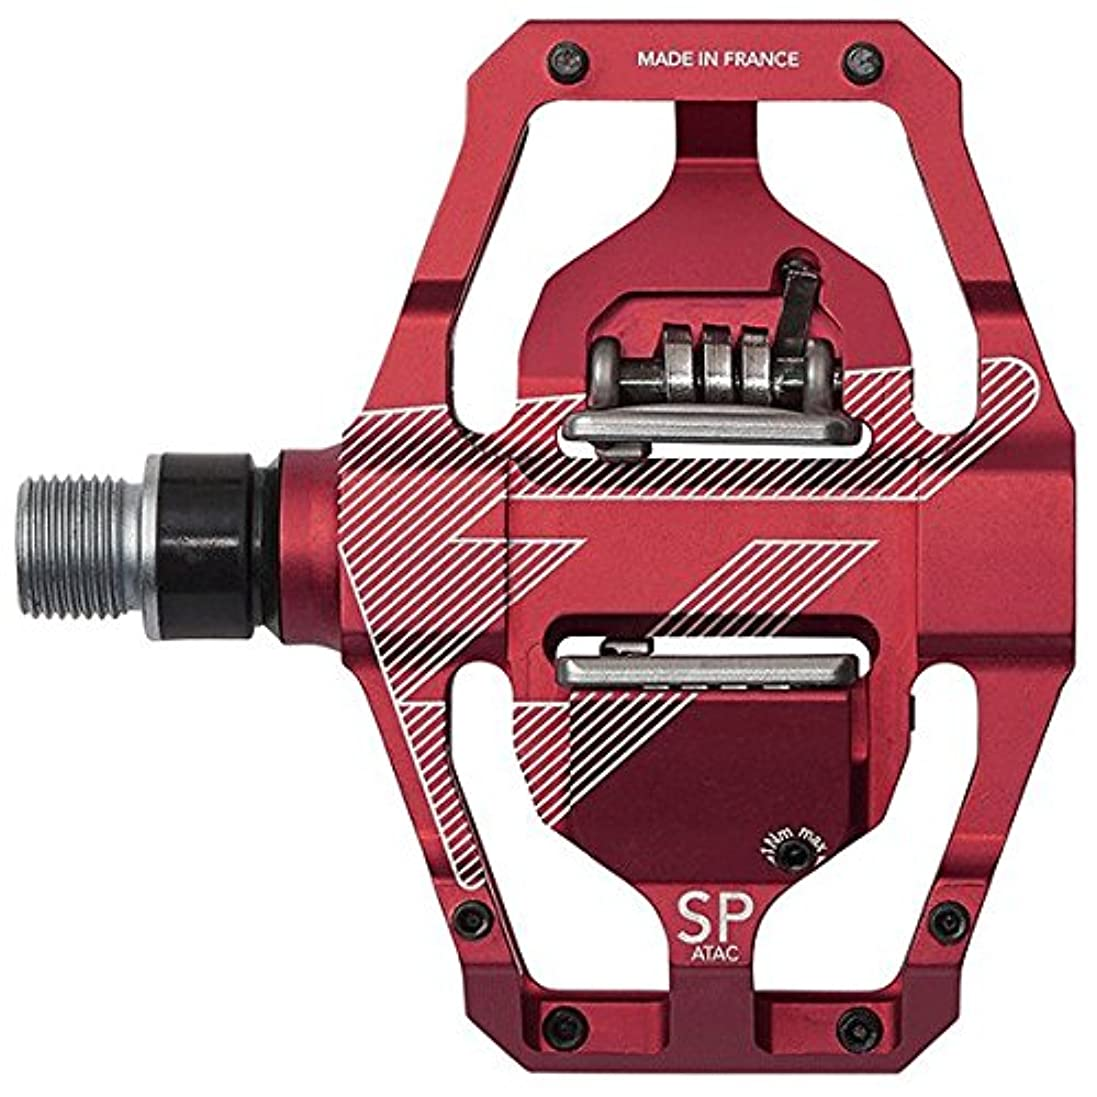 させるビーズ電子TIME(タイム) ビンディングペダル MTB バイク 自転車 SPECIALE 12 RED 重量:202g/片側 T2GV015 0000TU